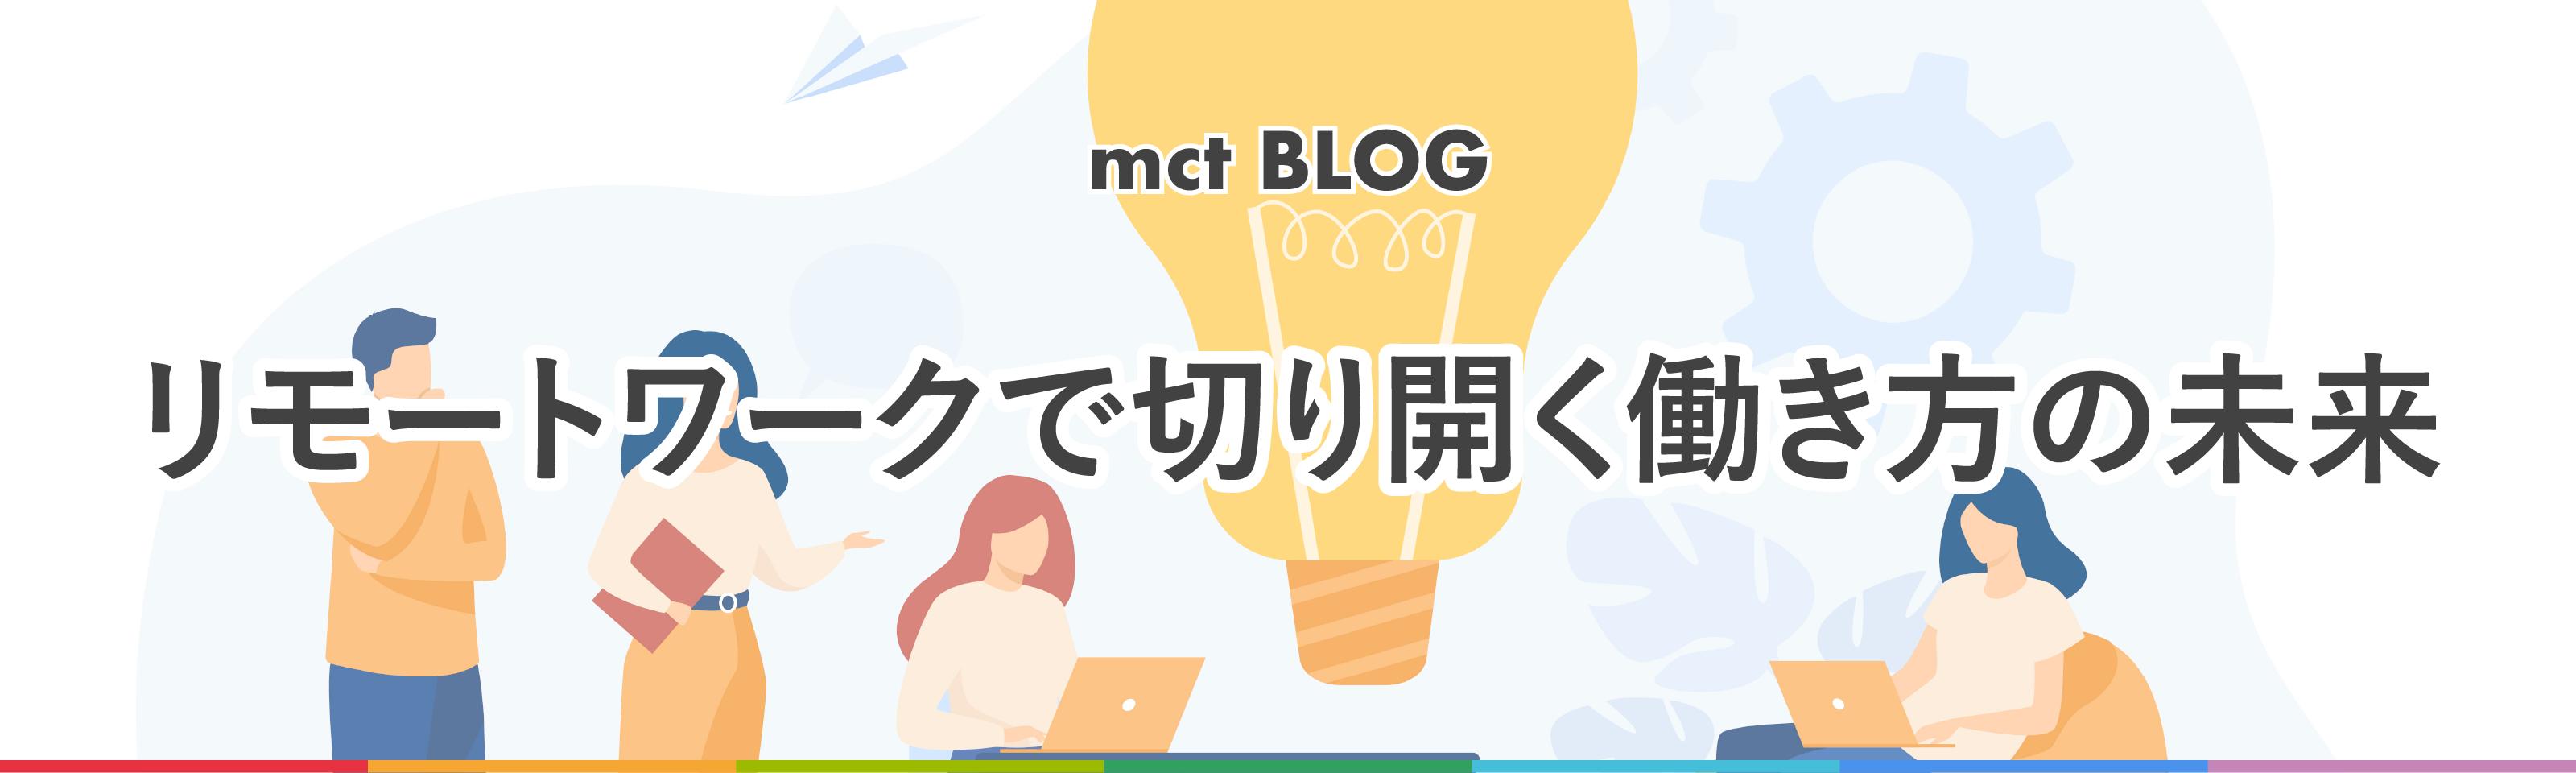 Blog|リモートワークで切り開く働き方の未来